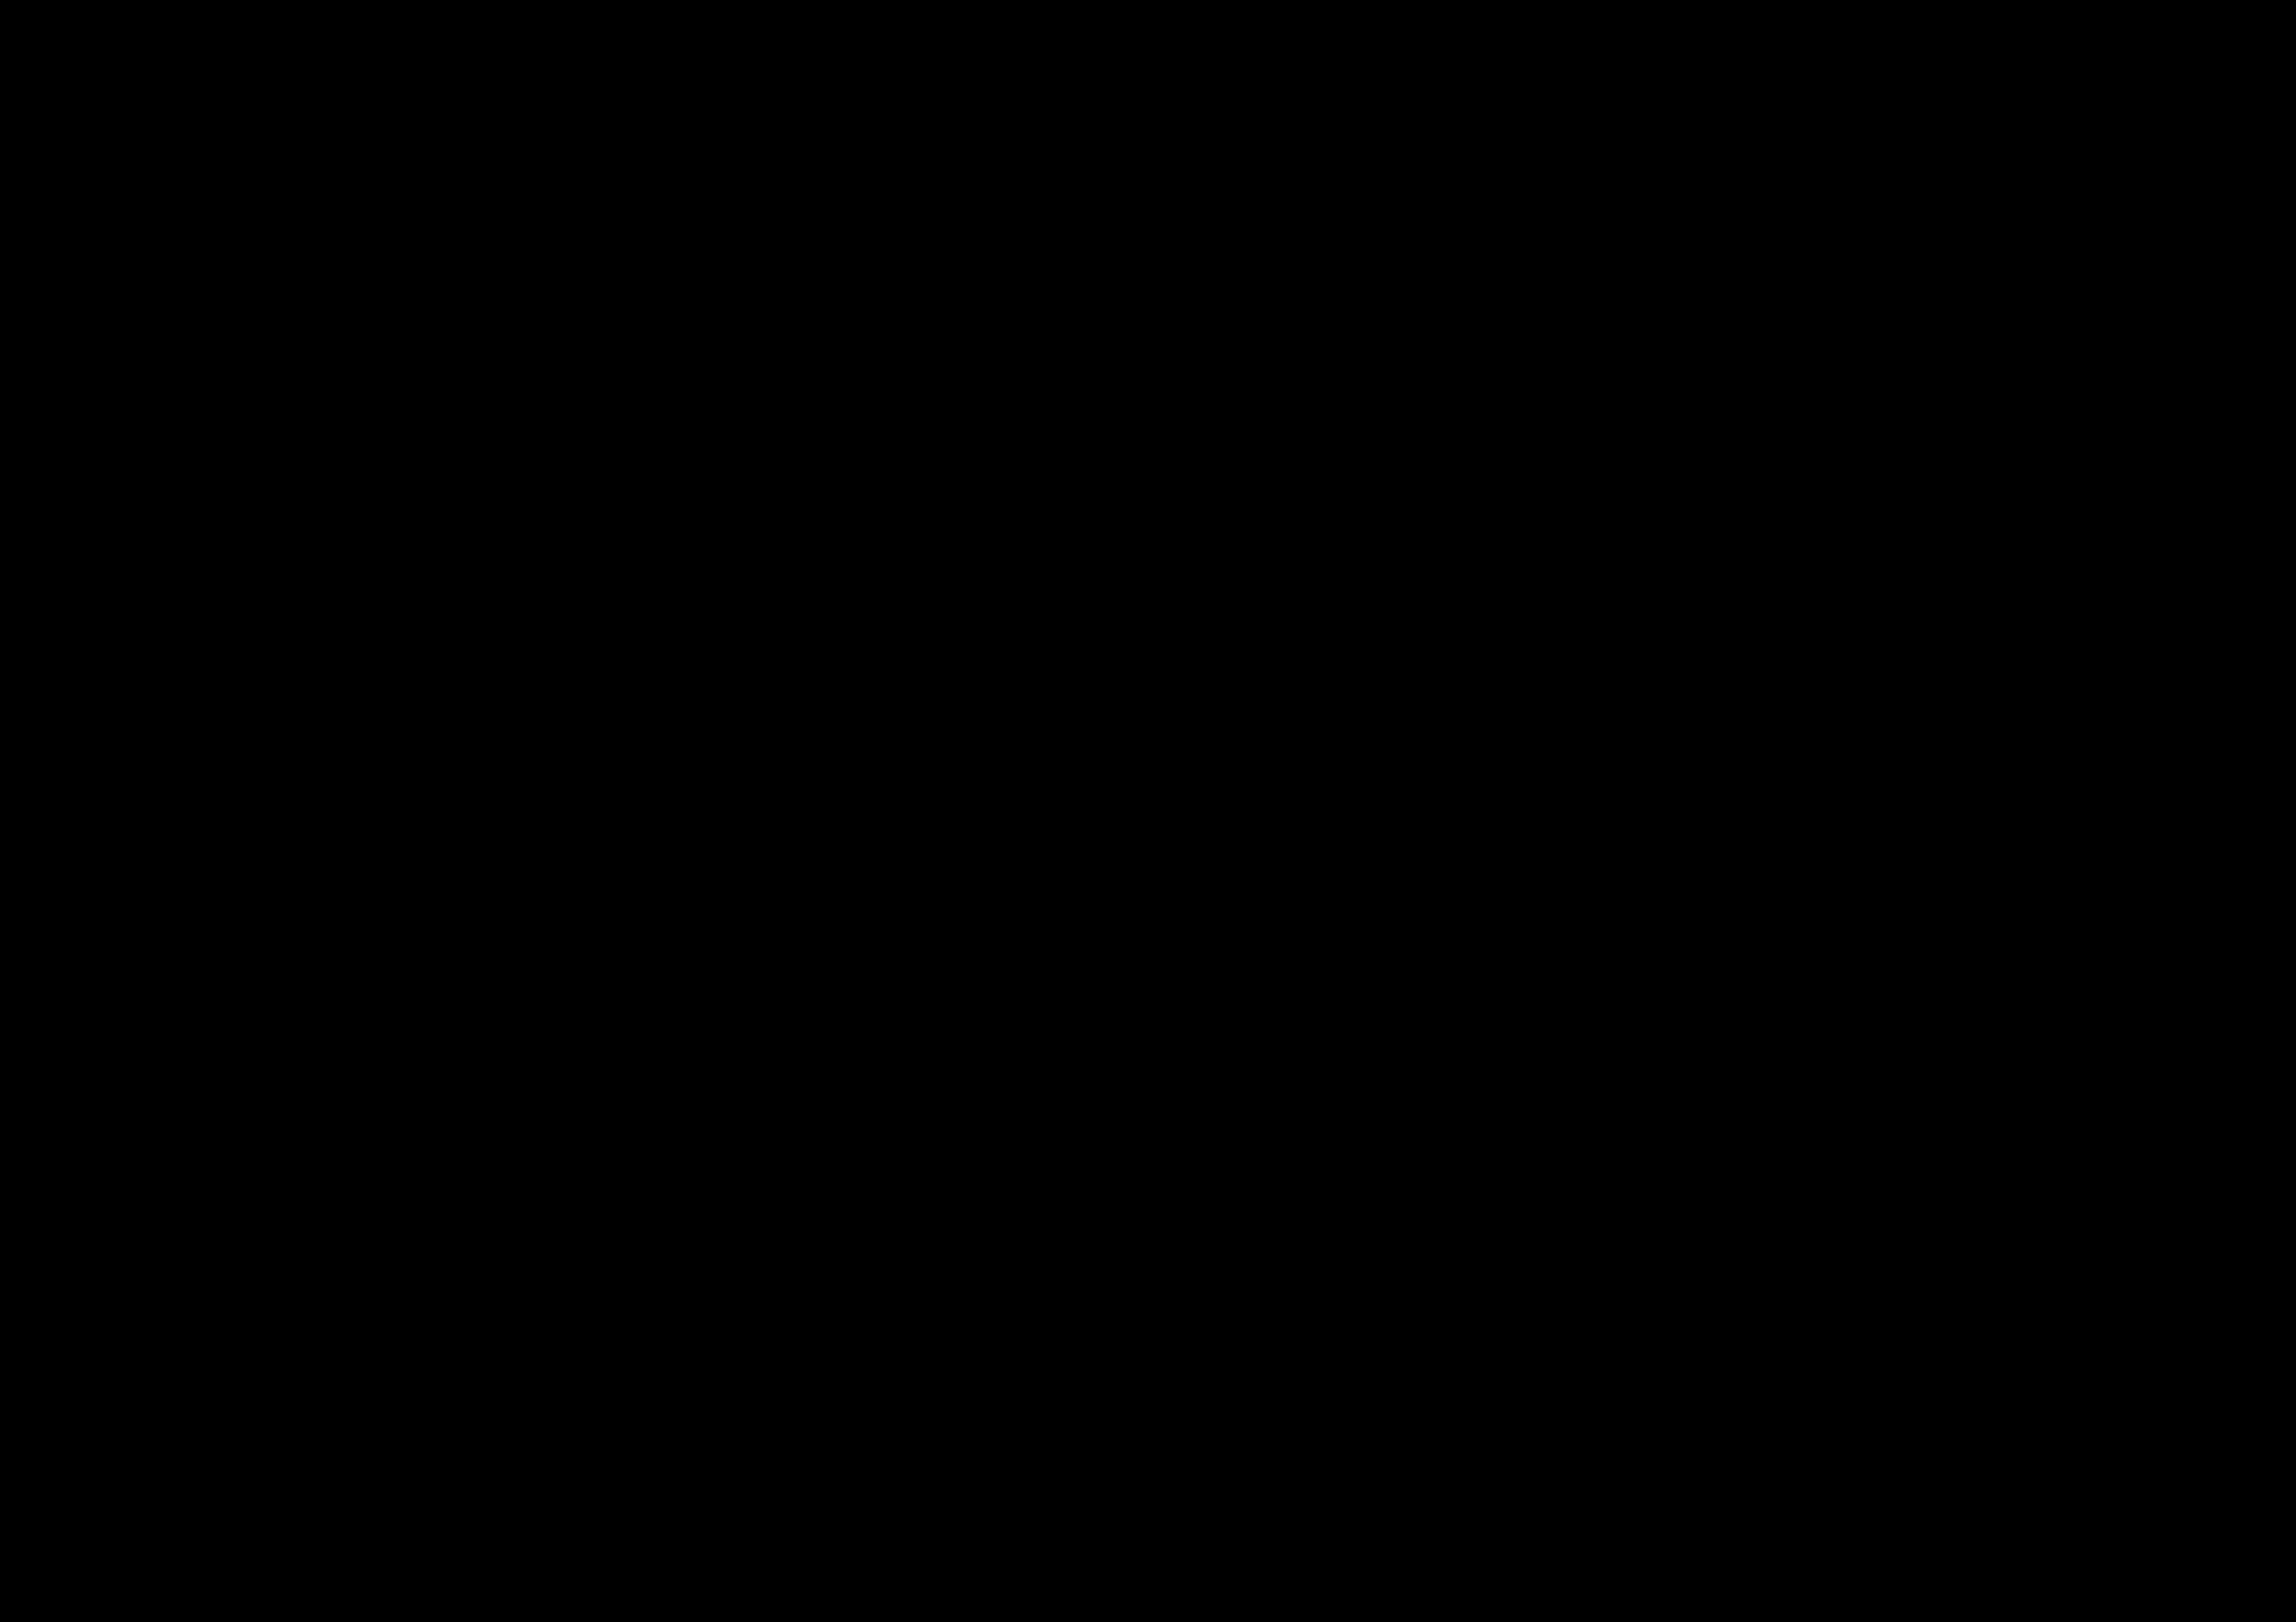 Wadi Oasis, Al Ula, Saudi Arabia, ph. Pietro Laureano